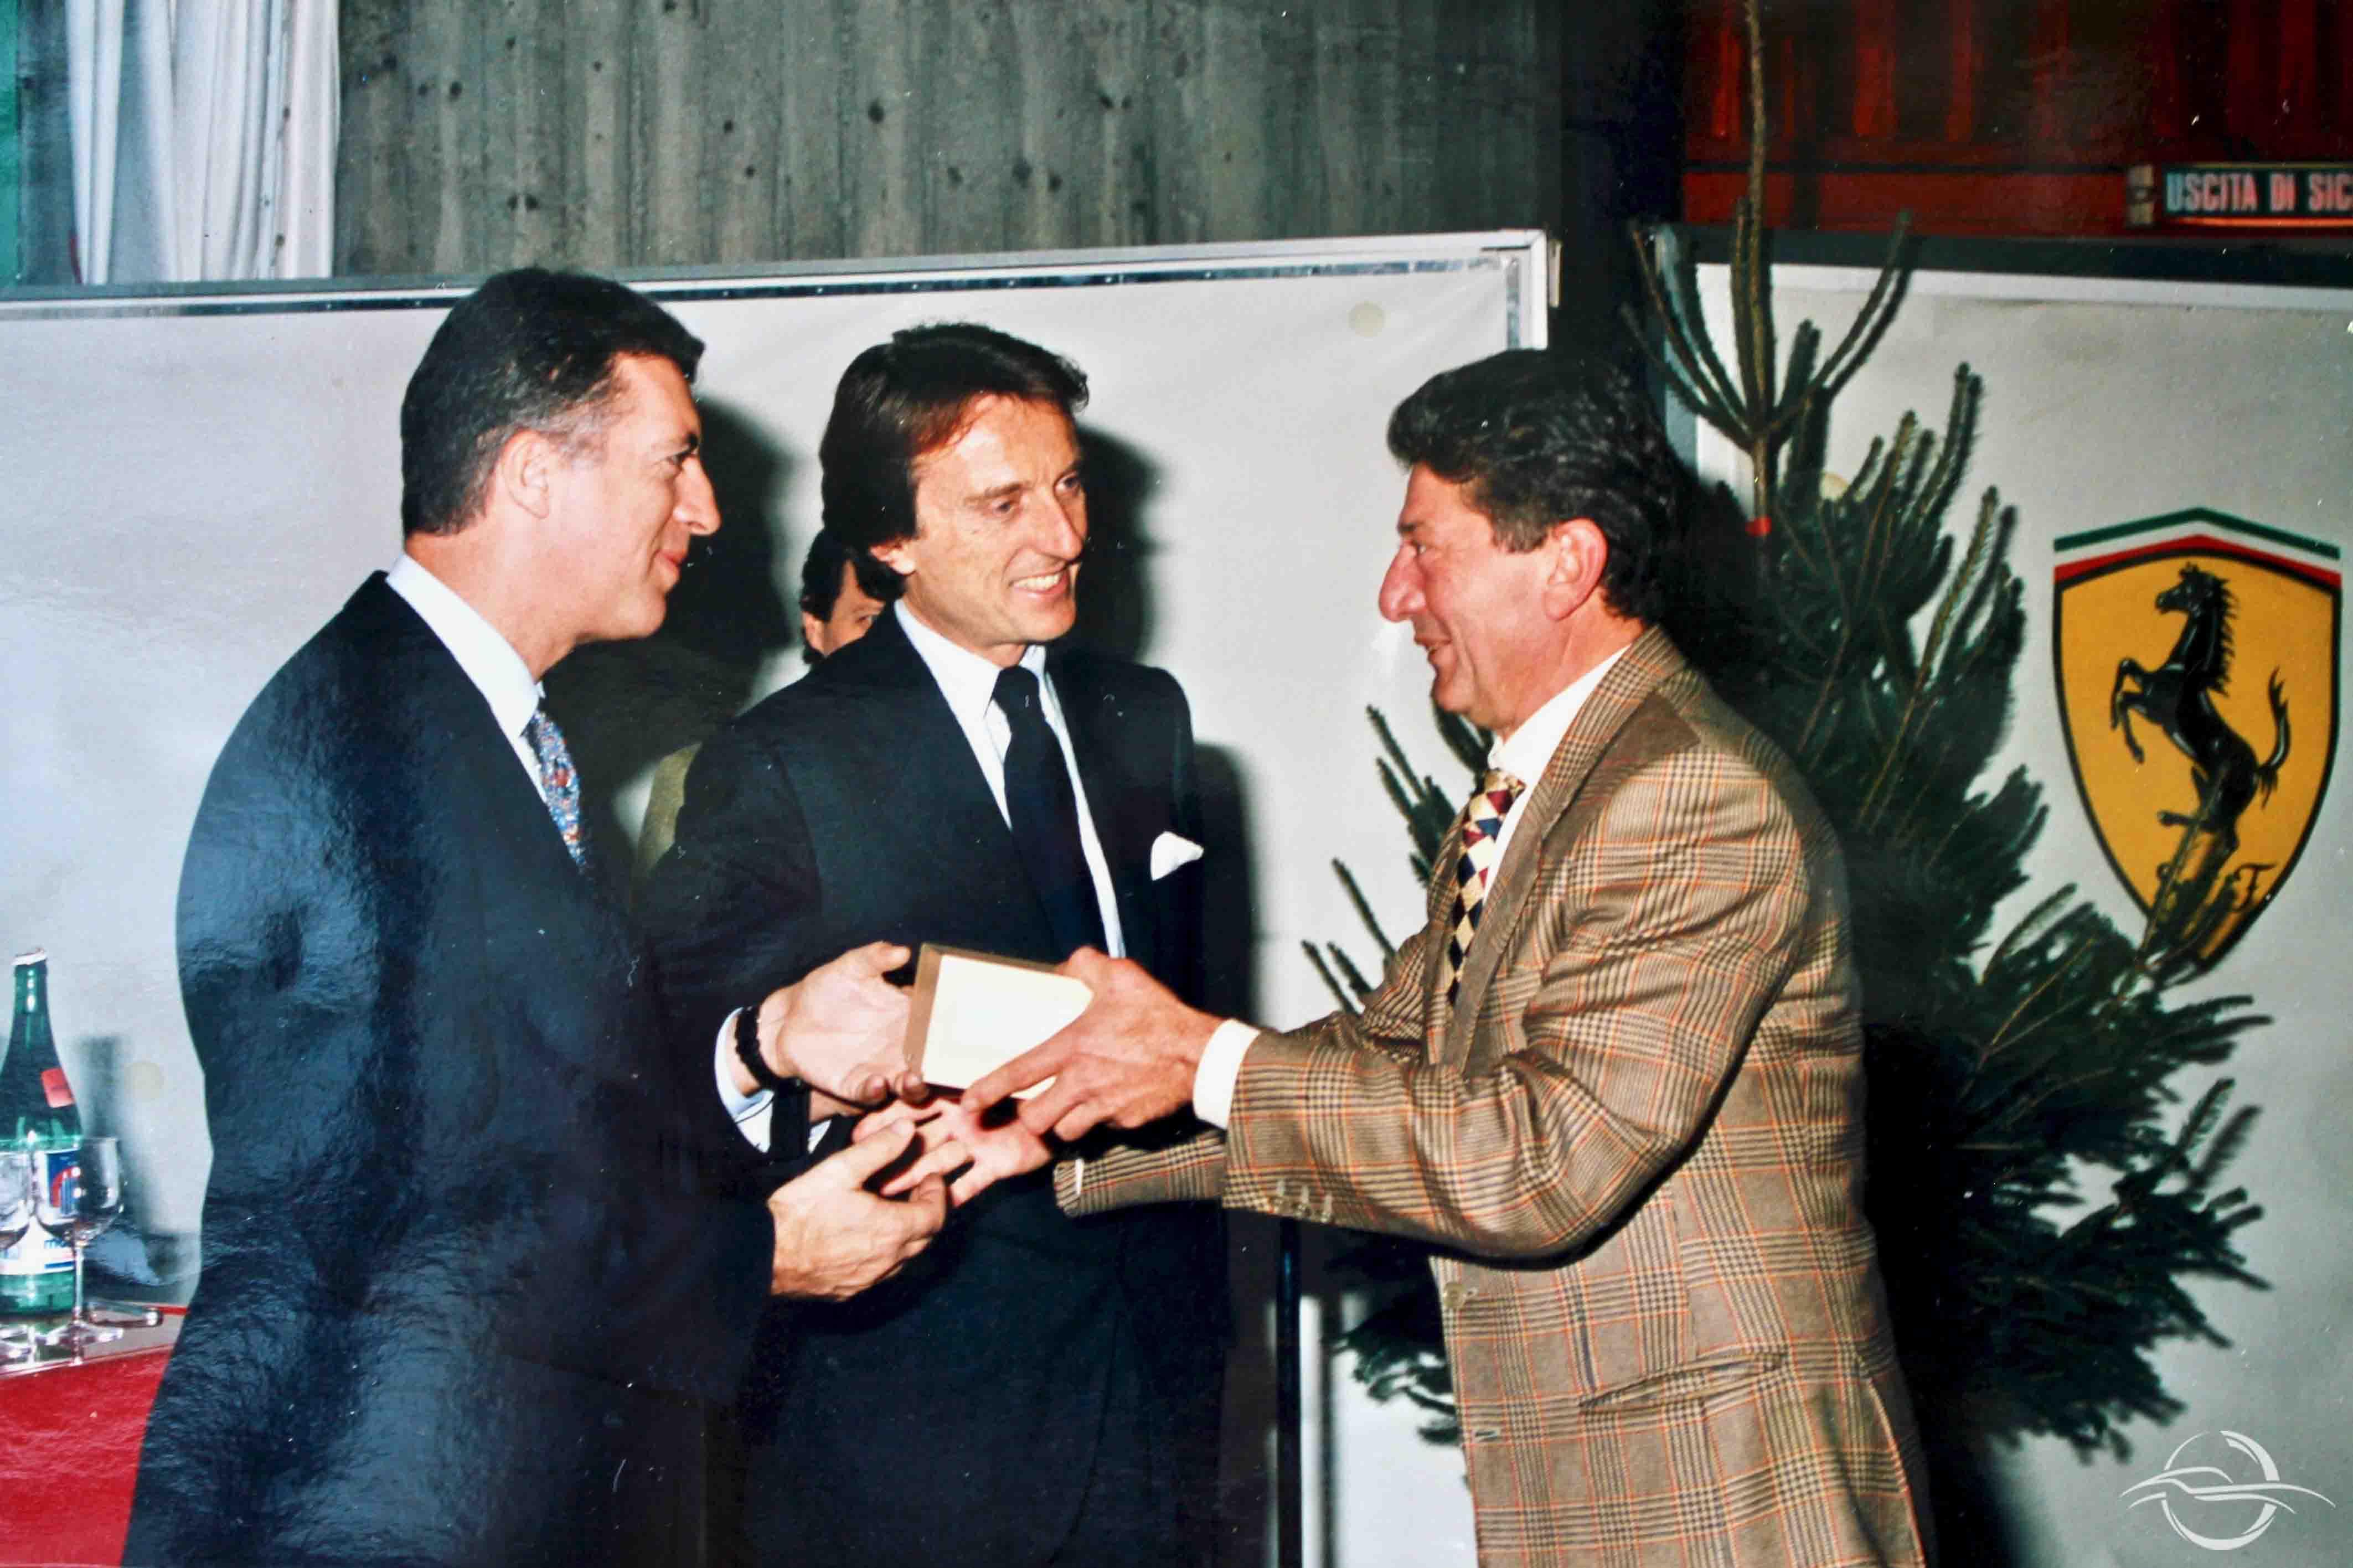 From the left Piero Ferrari, Luca Cordero di Montezemolo and Oscar Scaglietti